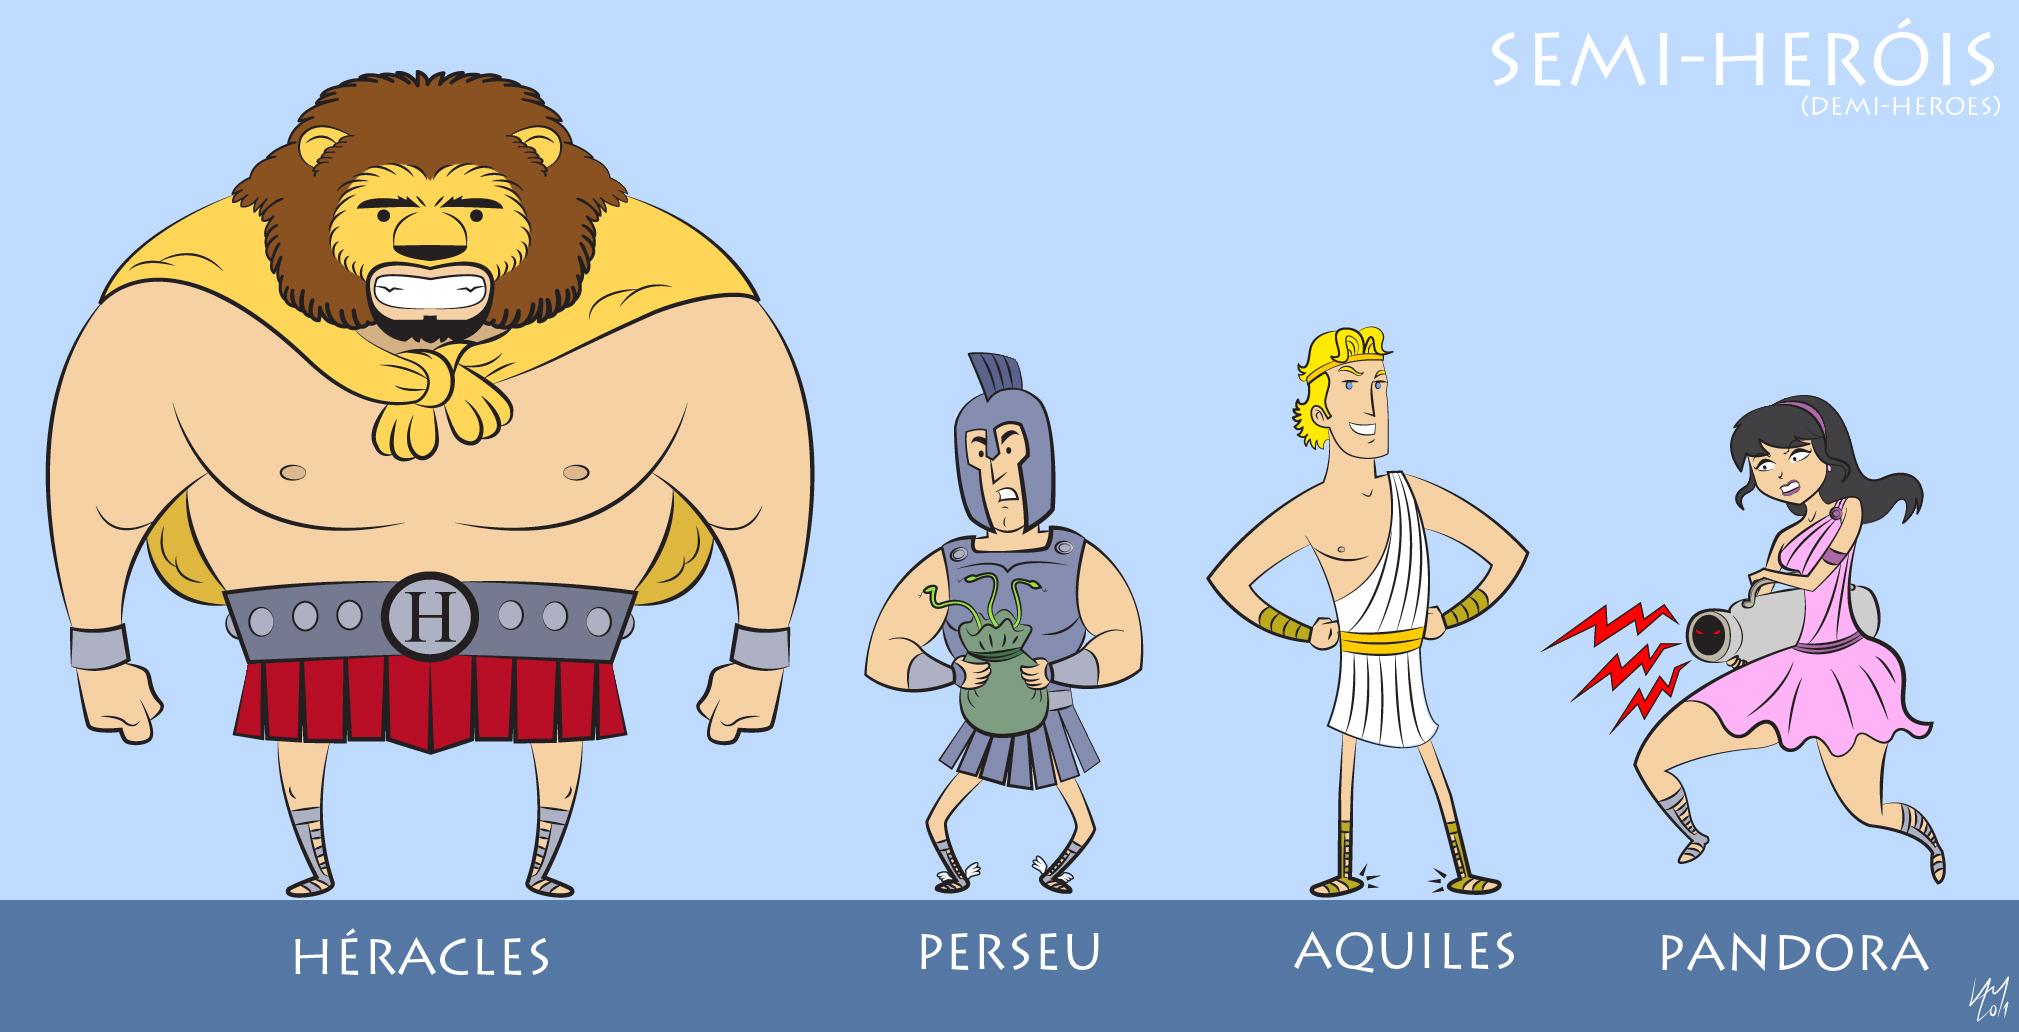 Arte de Rafael Lam - Ilustras! - Página 8 Semi-herois-vetorizado